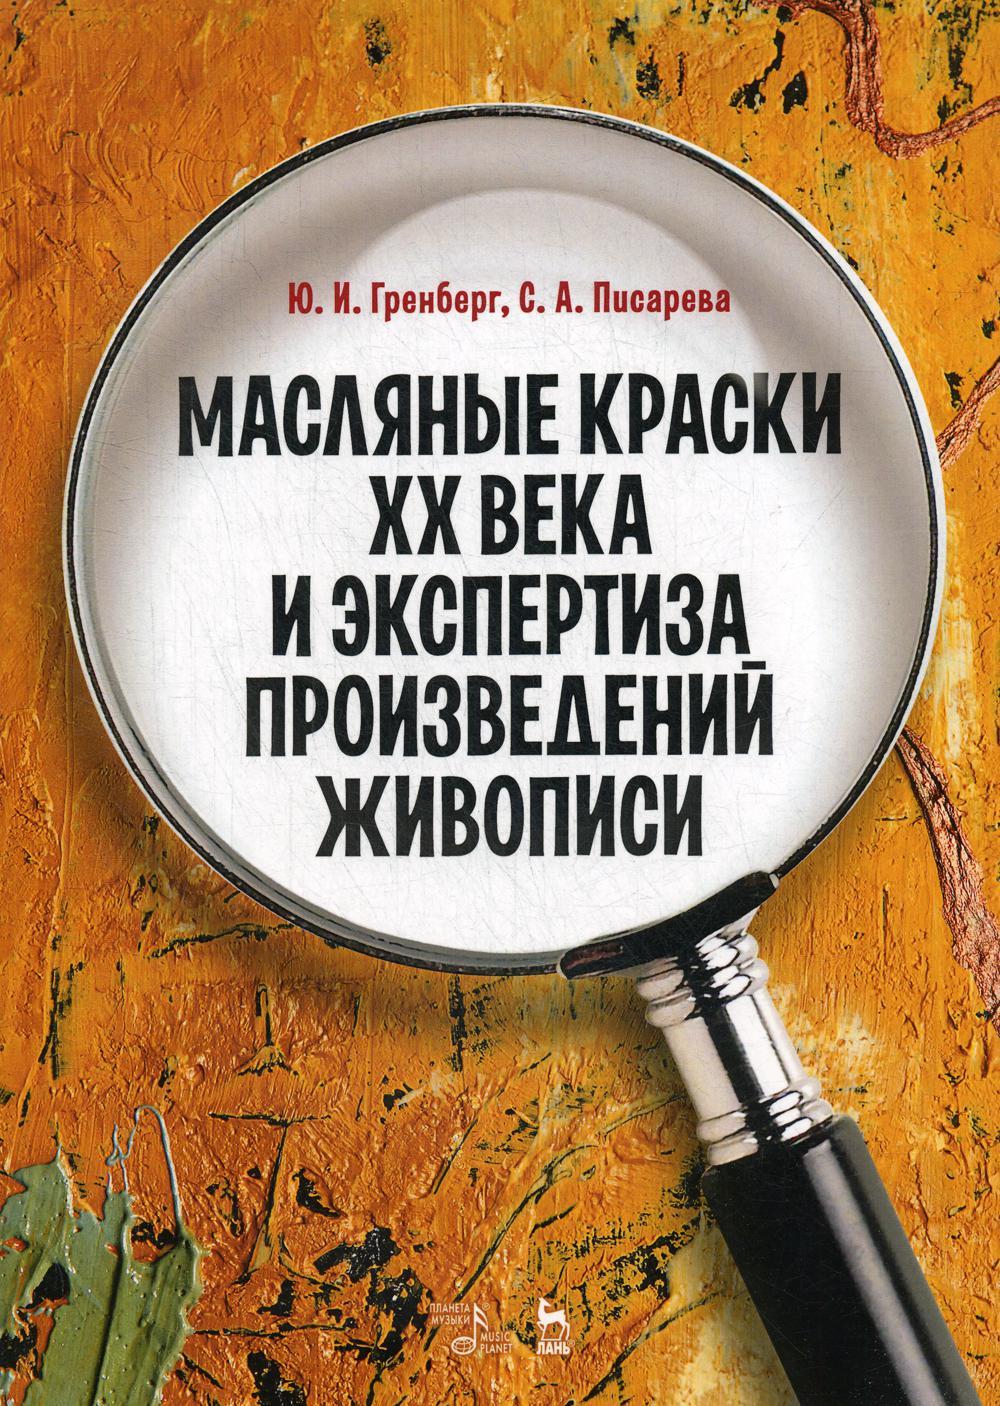 Книга Масляные краски XX века и экспертиза произведений живописи